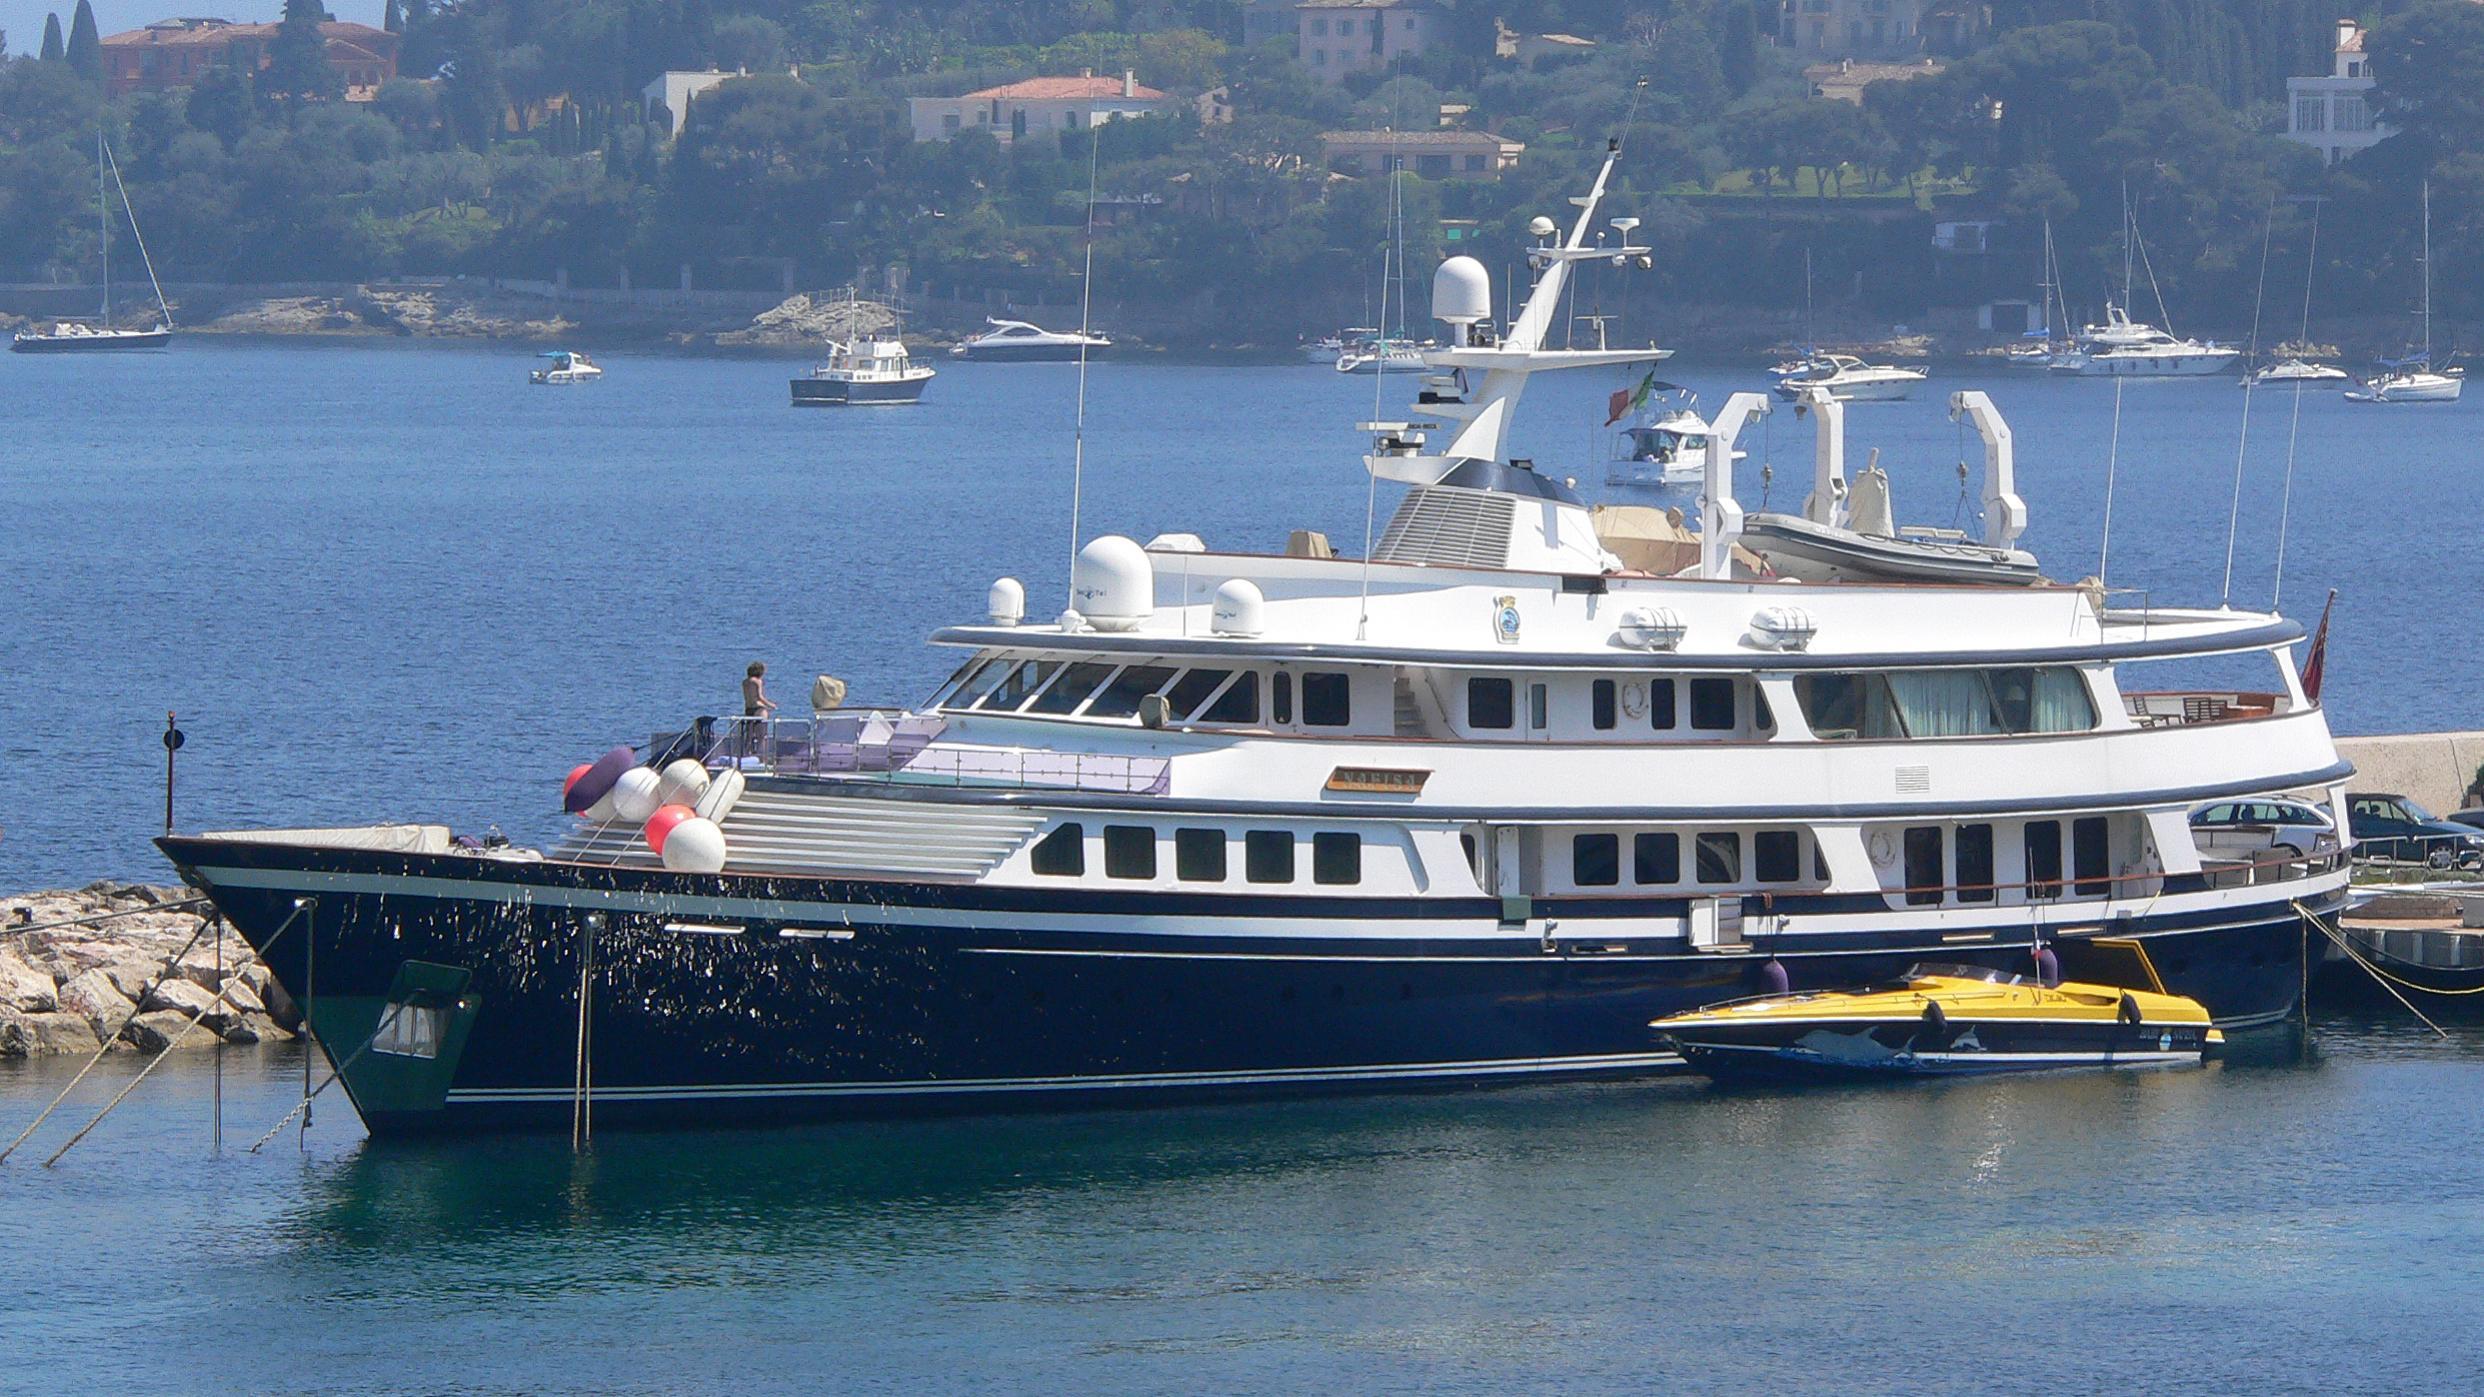 nafisa-motor-yacht-schweers-1986-49m-moored-profile